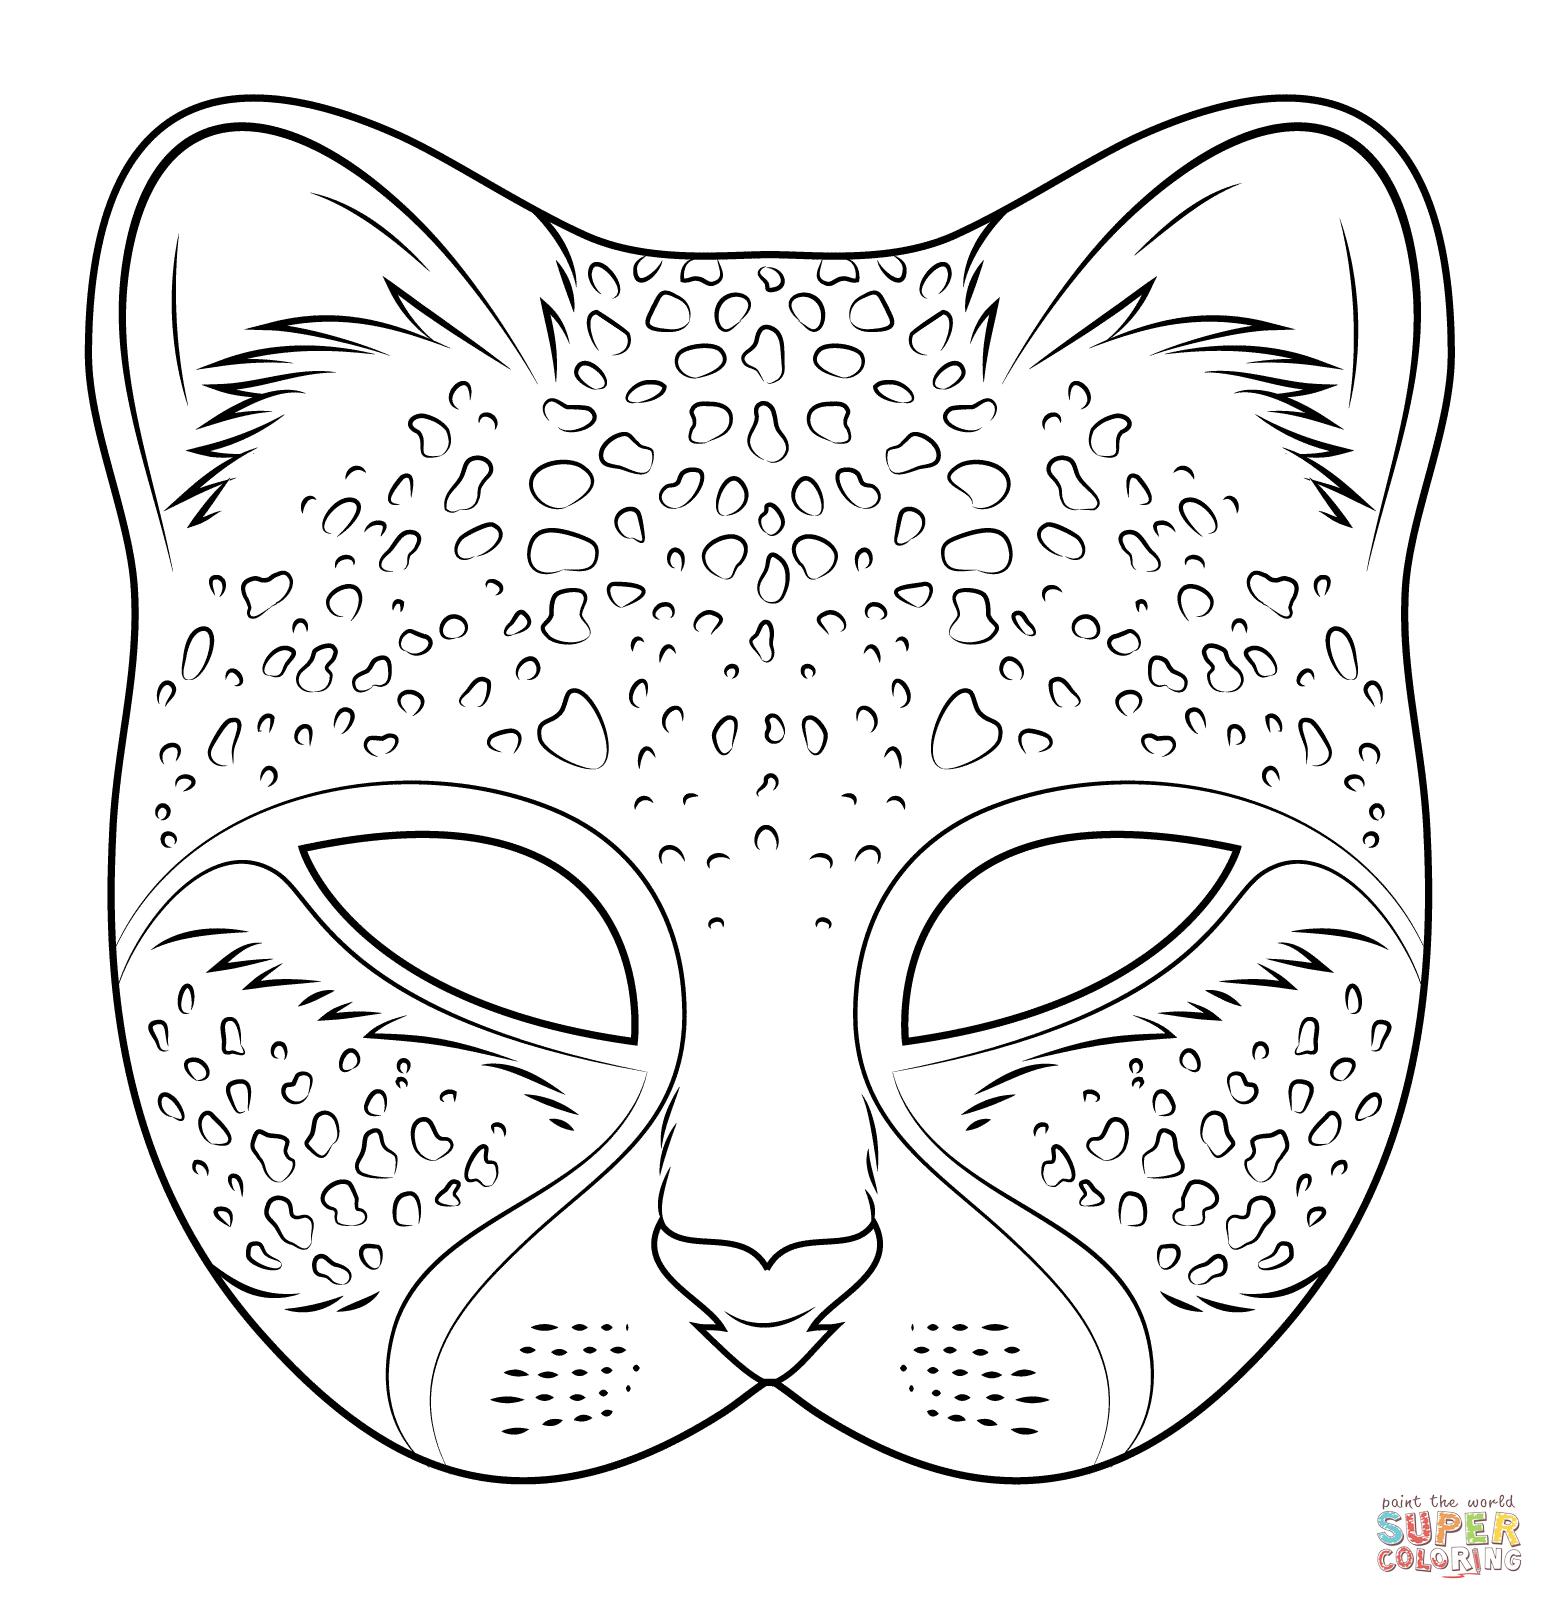 Ausmalbild: Gepard Maske   Ausmalbilder Kostenlos Zum Ausdrucken über Masken Zum Ausmalen